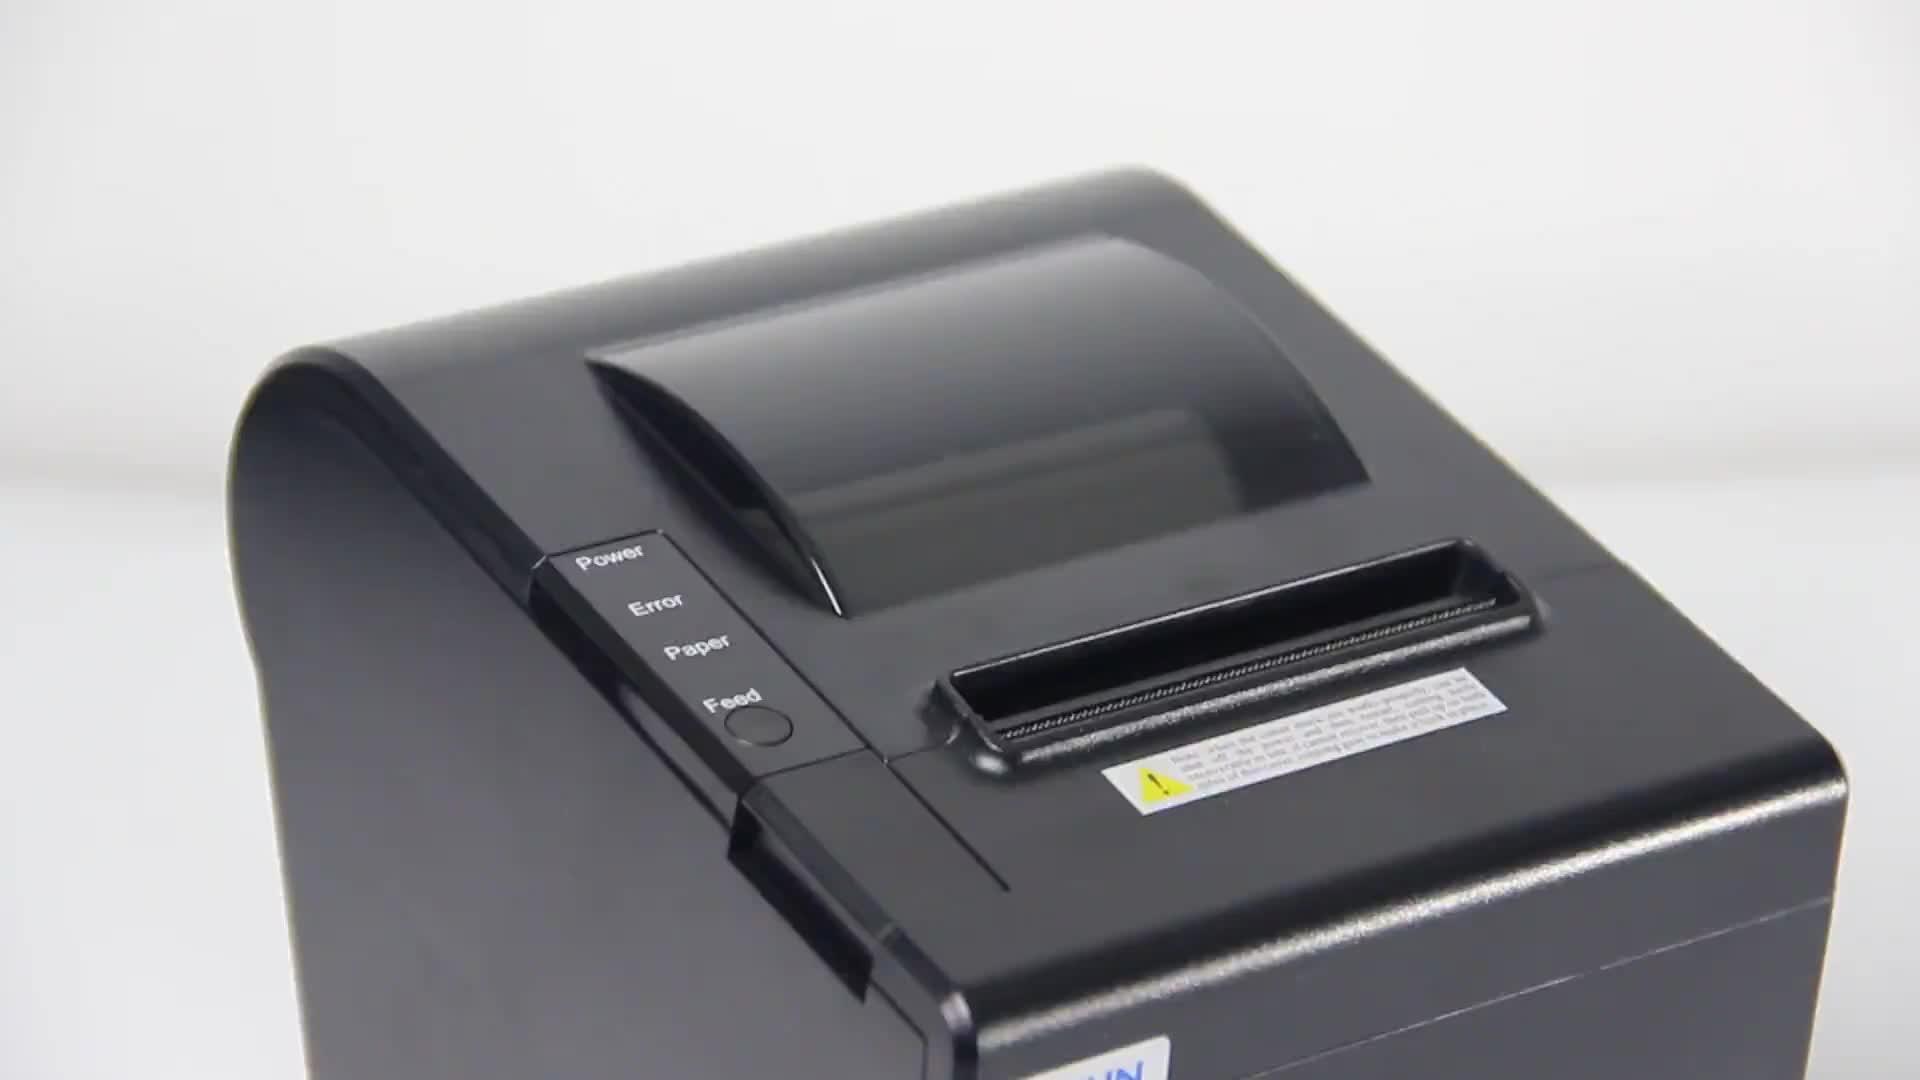 Máquina de impressão de faturamento Free SDK 80 POS Thermal Printer